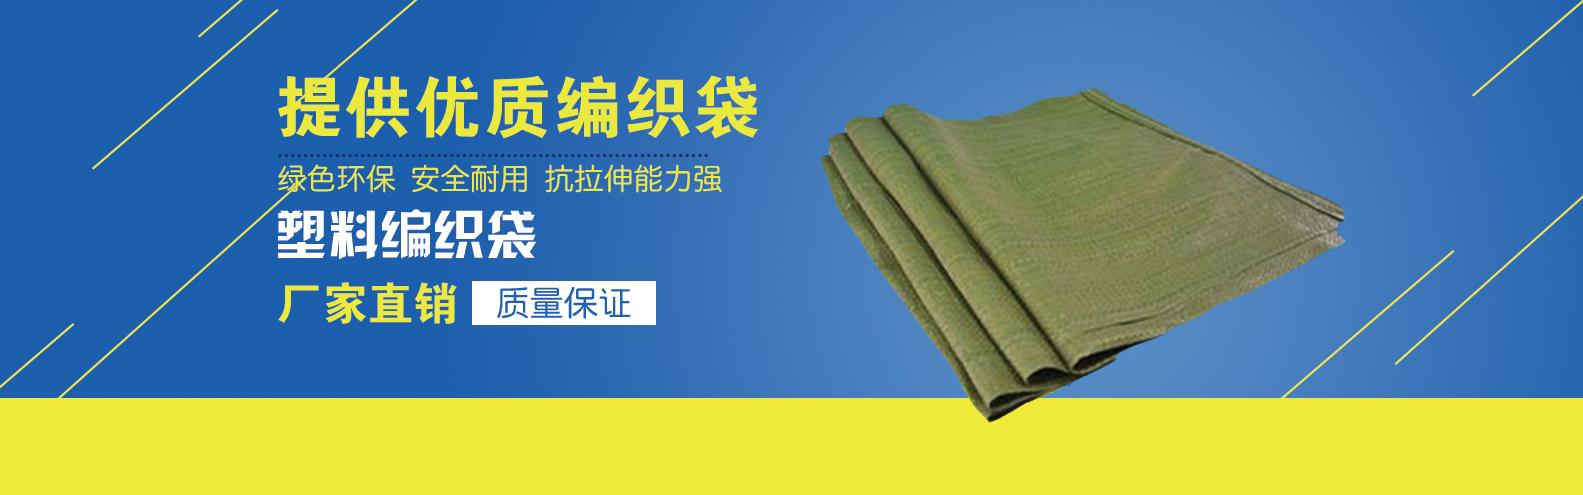 江西青原设计定制个性款式包装塑料袋